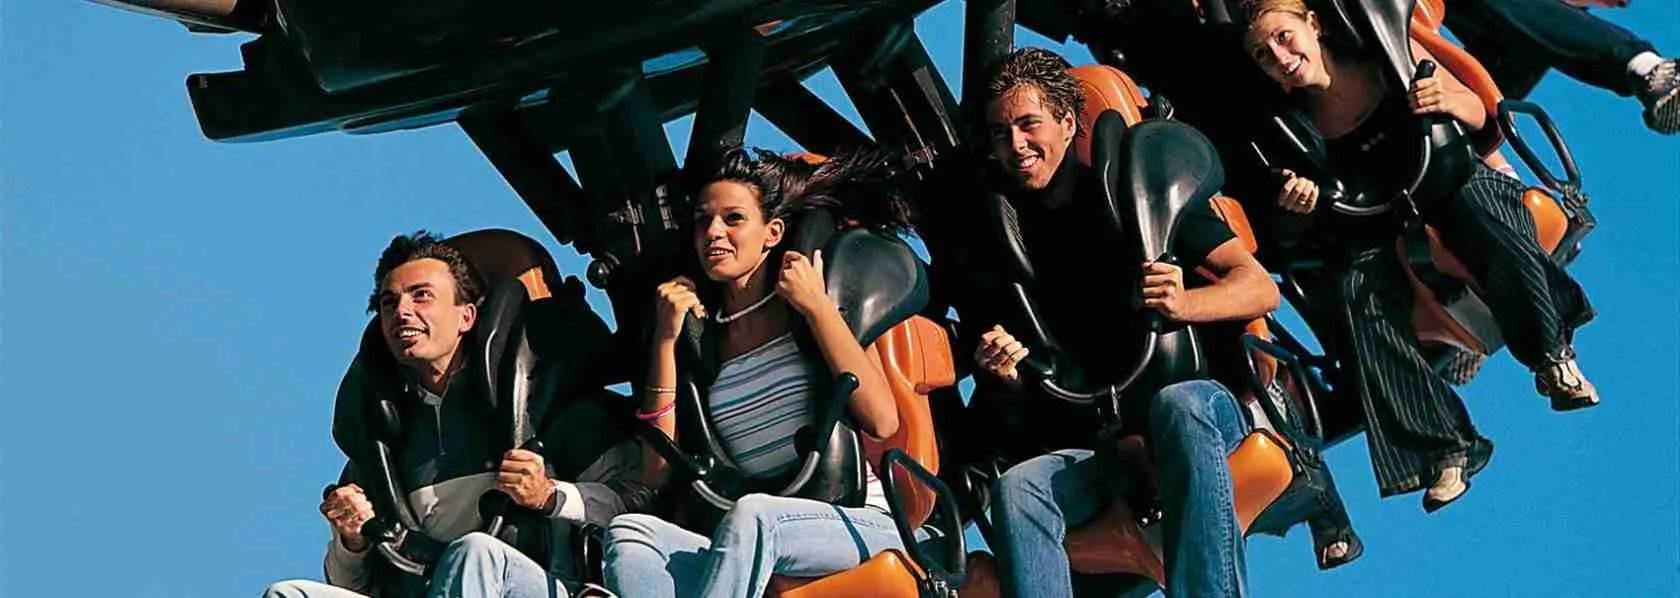 Le escort Verona amano le scariche di adrenalina indotte dal Blue Tornado che si trova a Gardaland, una delle attrazioni più folli presenti nel parco dei divertimenti di Verona.